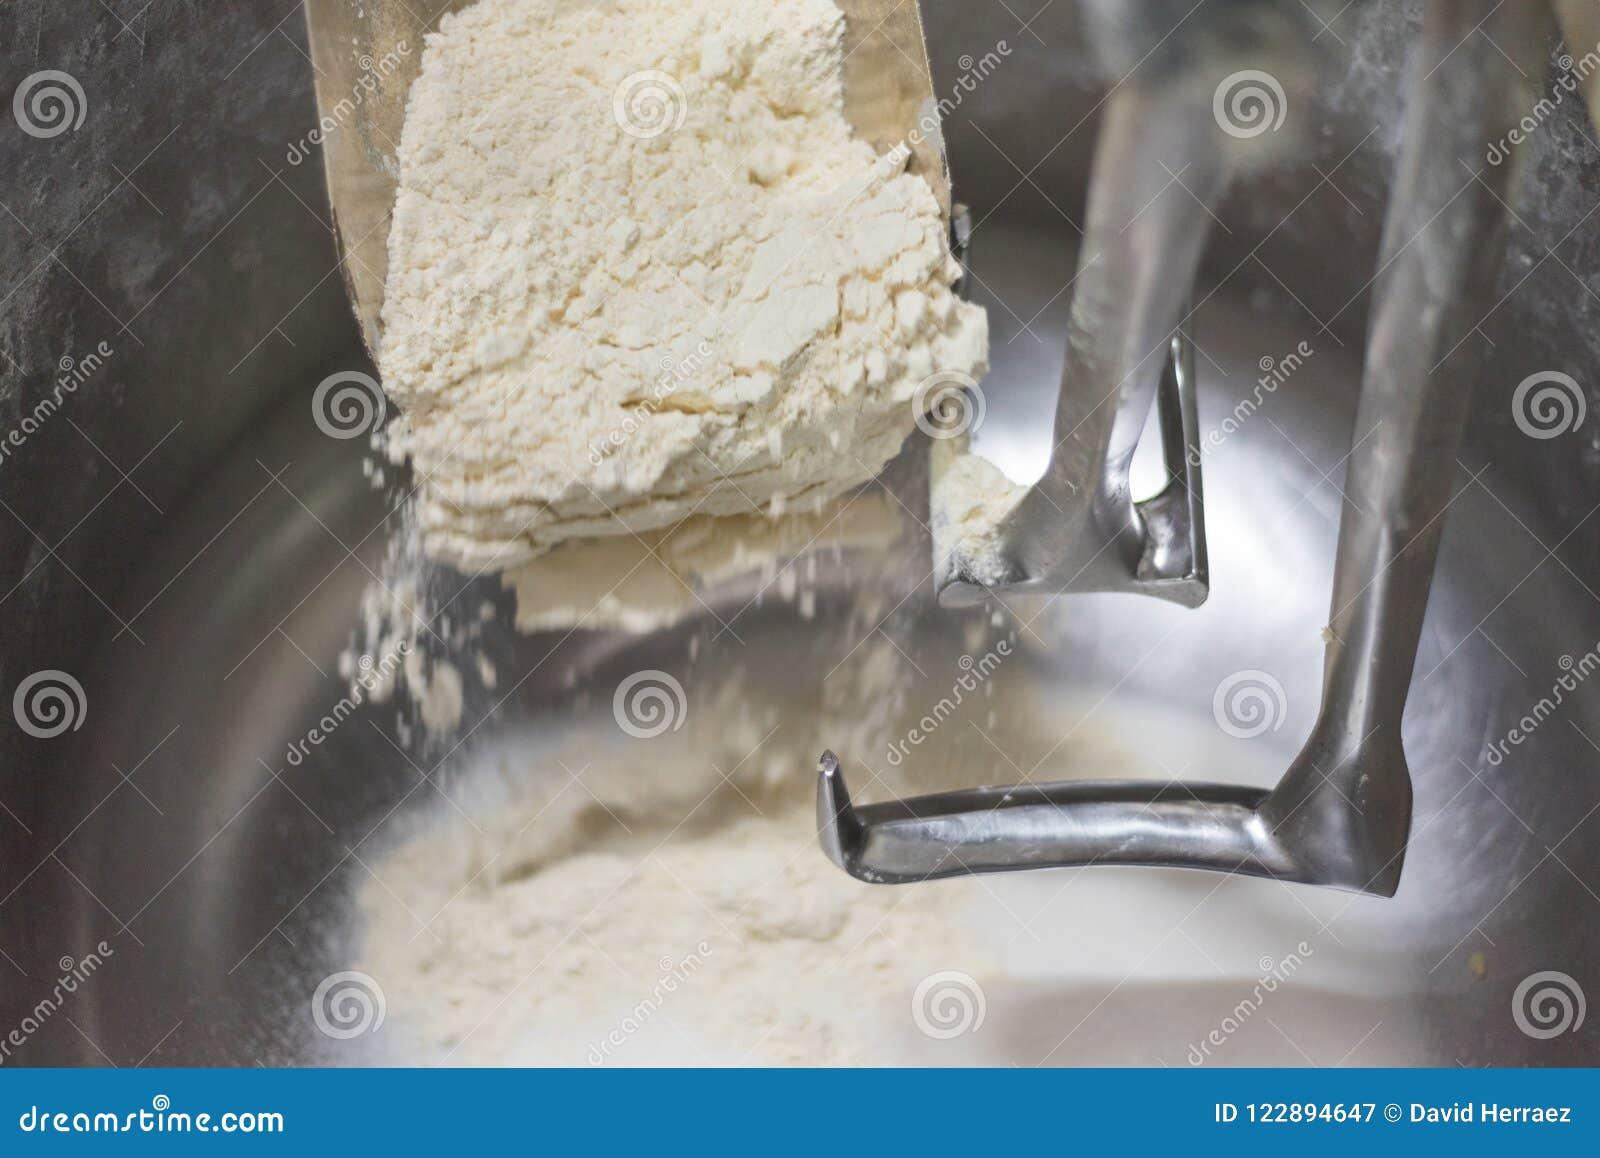 装货面粉到一台工业揉面机里 关闭视图